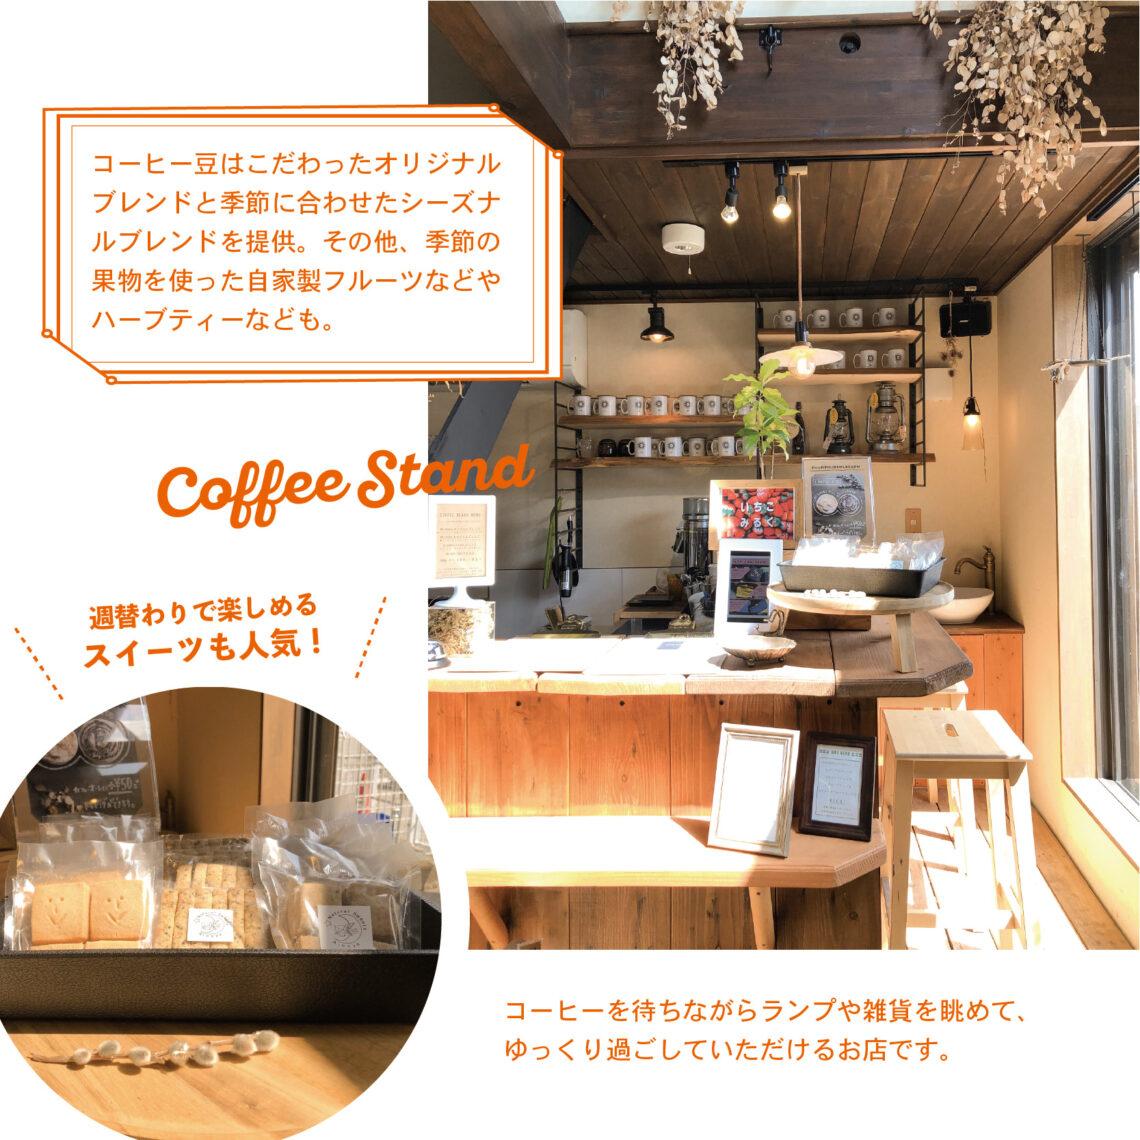 オリジナルコーヒーが楽しめる インテリア雑貨店【GEKKA】